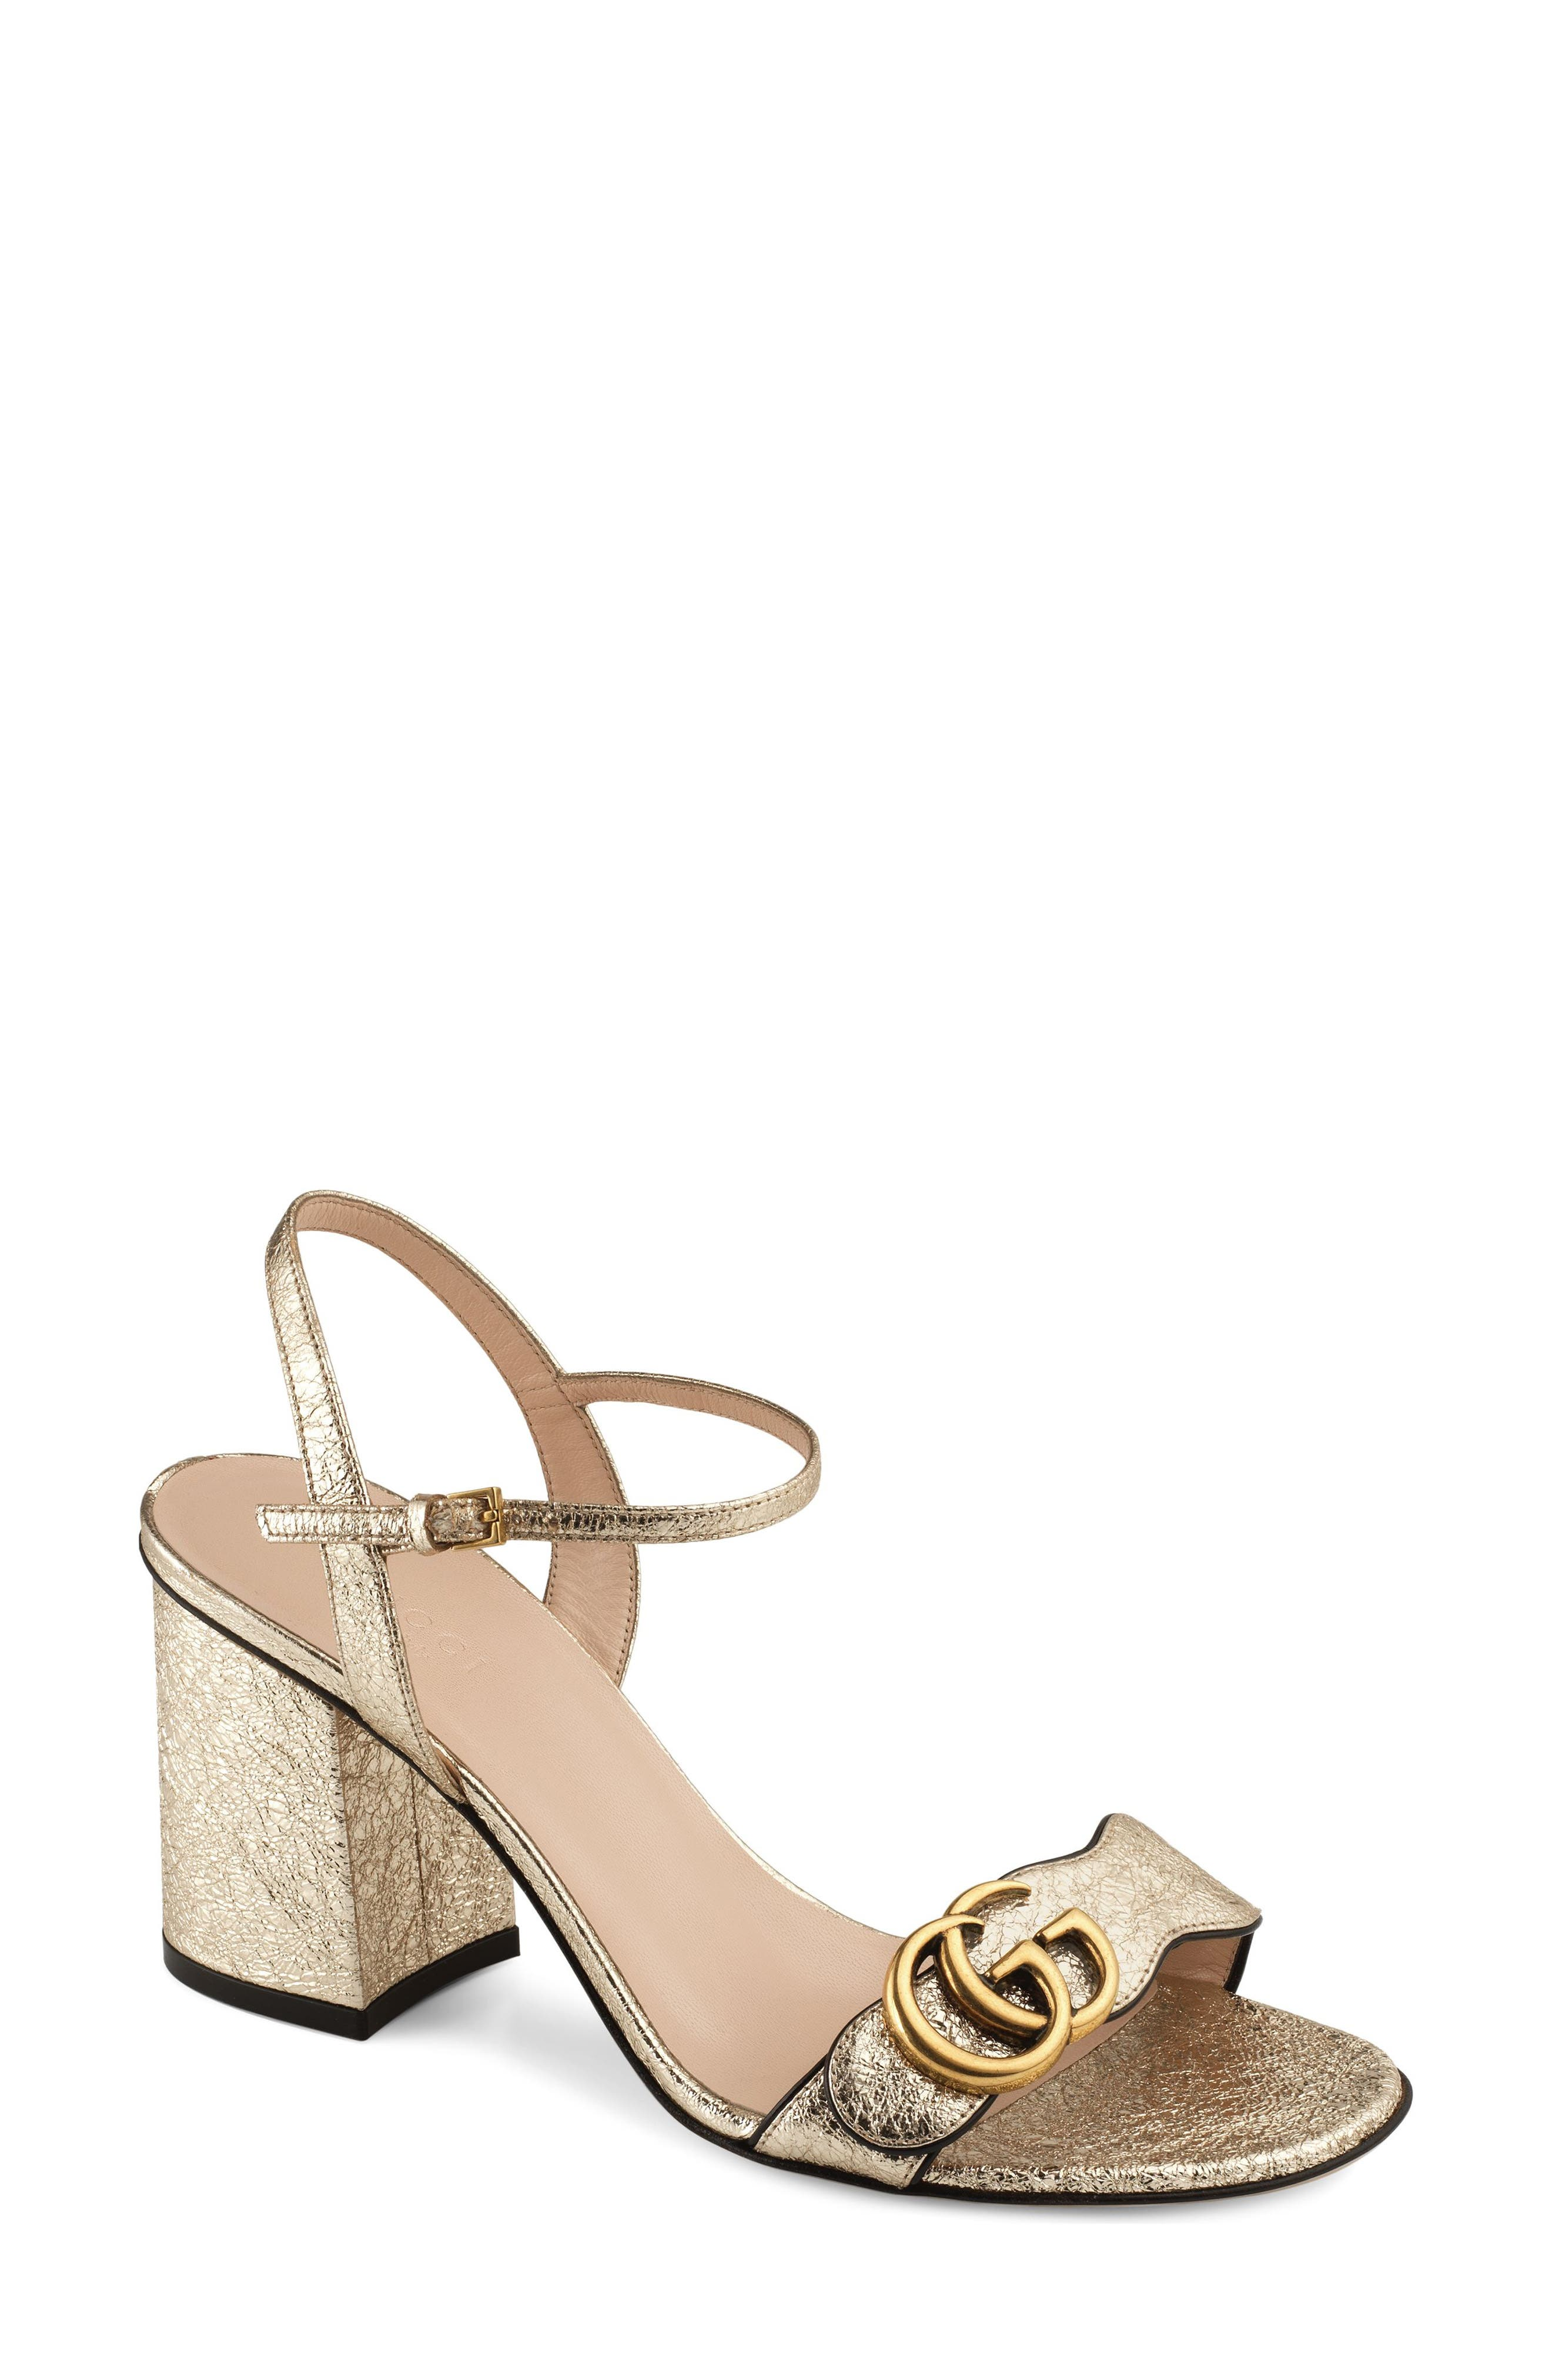 ad563d03583 gucci sandals